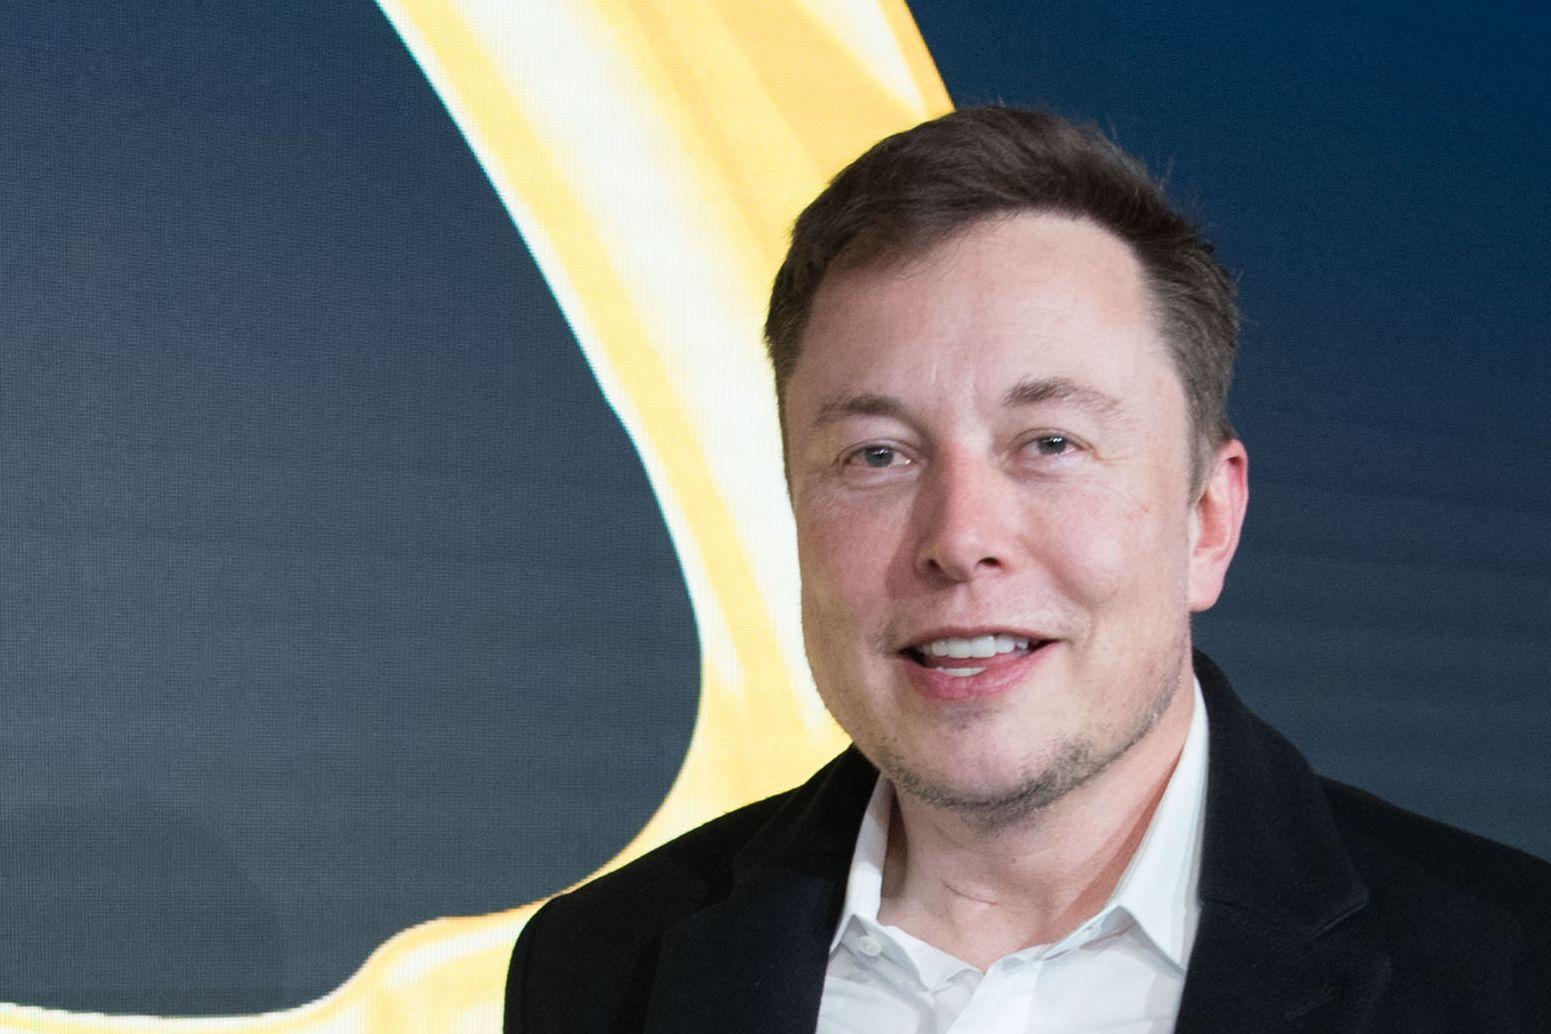 Schimbări în clasamentul miliardarilor! Elon Musk a devenit al doilea cel mai bogat om de pe planetă